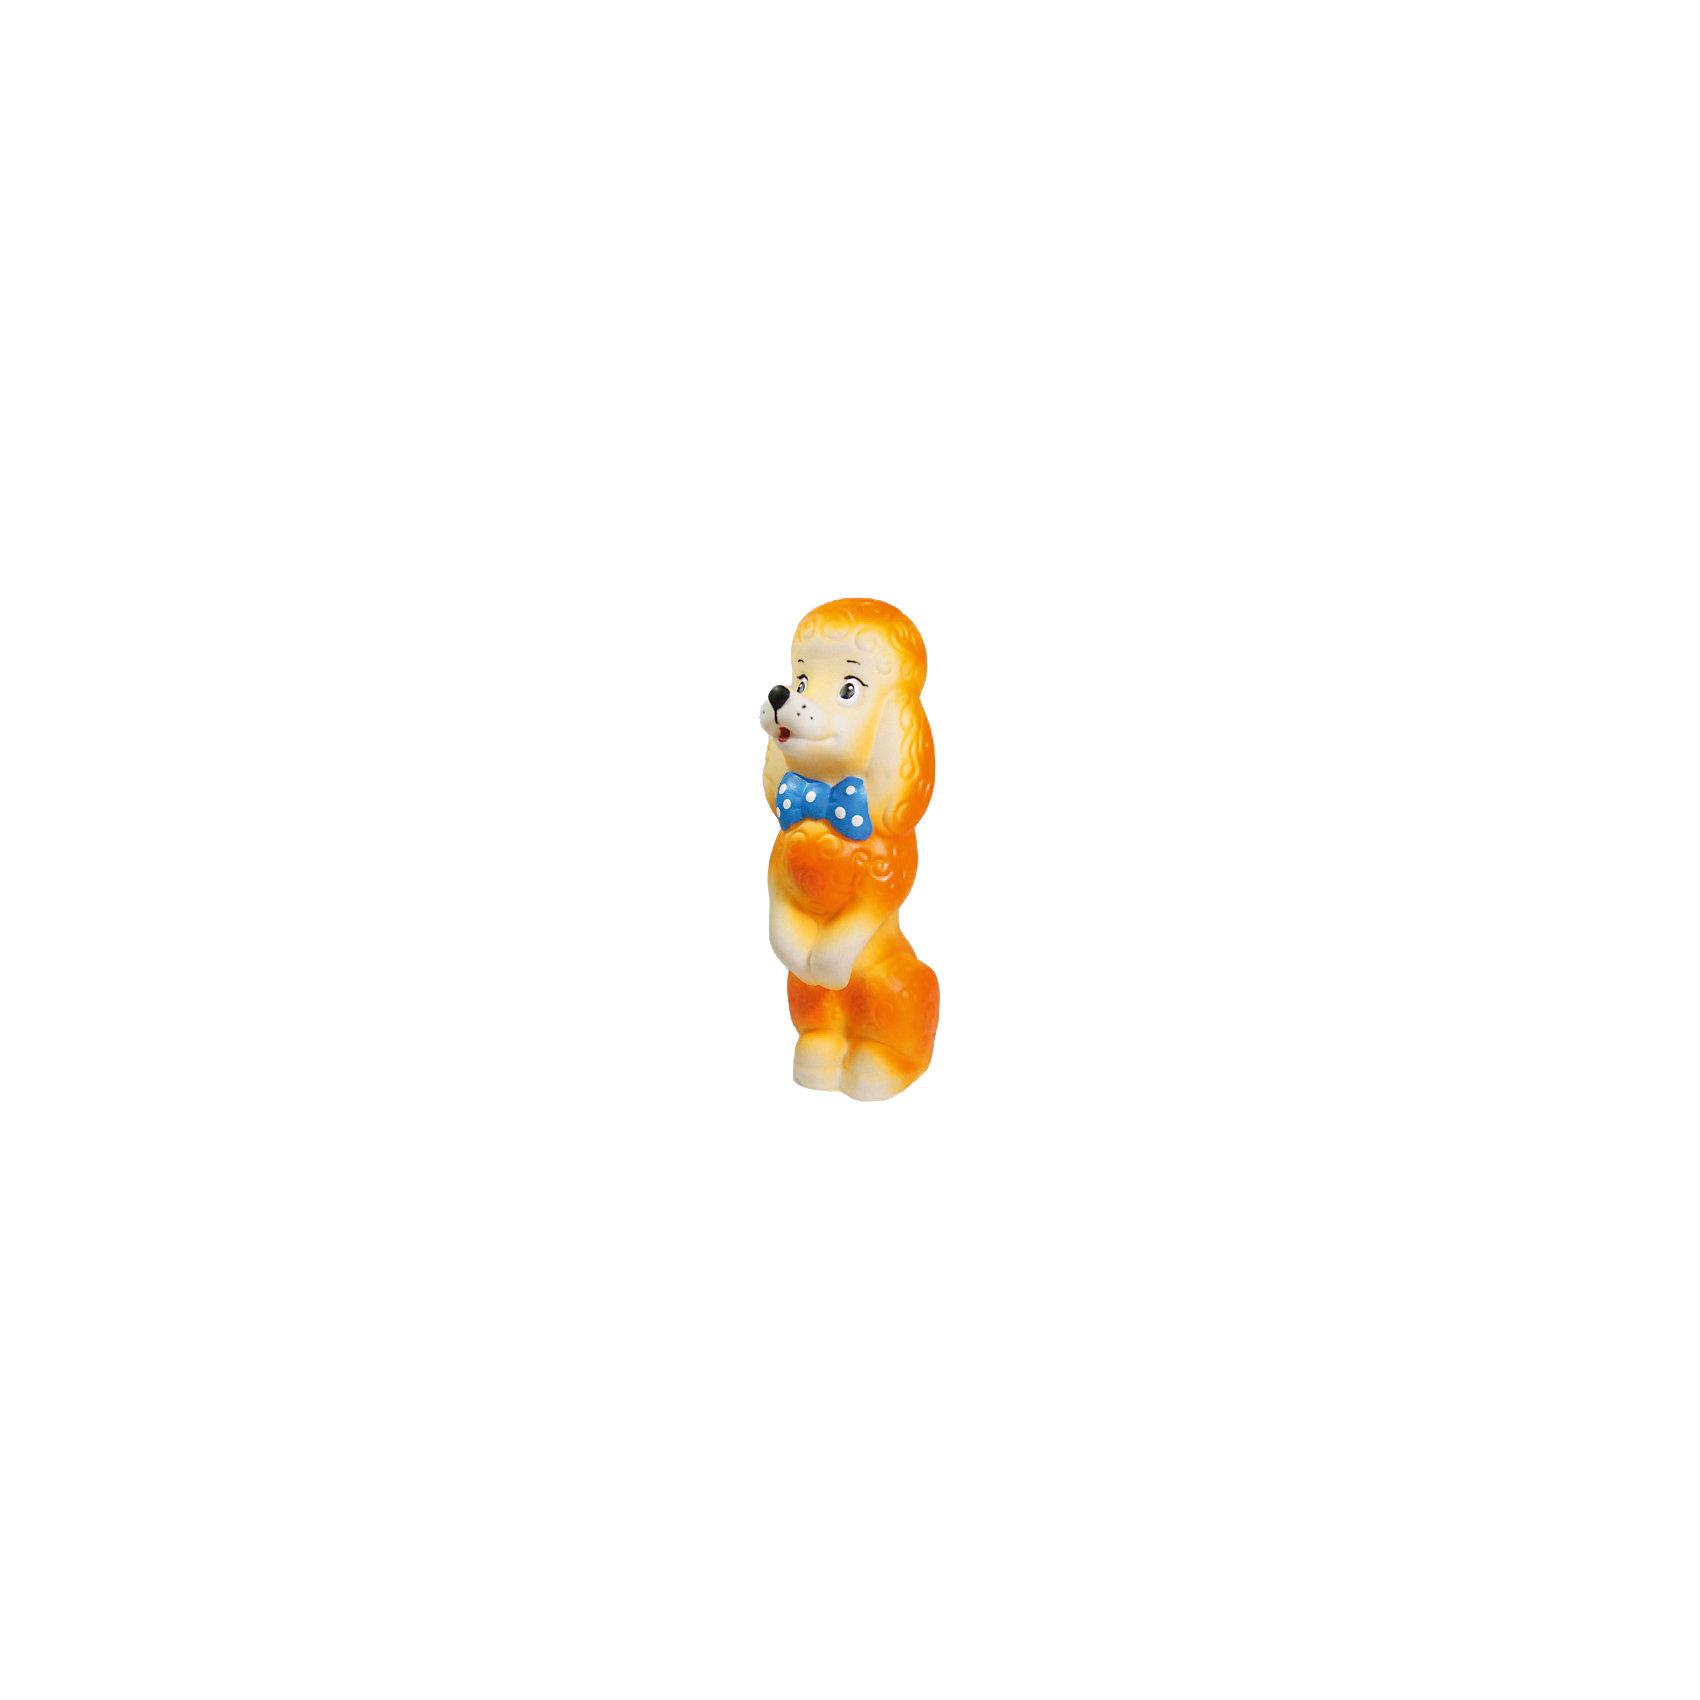 Собачка Королевский пудель, КудесникиСобачка Королевский пудель, Кудесники<br><br>Характеристики:<br><br>• Материал: ПВХ.<br>• Размер: 3х4х14 см.<br><br>Отличная игрушка из мягкого ПВХ надолго займет внимание вашего малыша. Эта игрушка поможет малышу при прорезывании зубов, поможет развивать моторику рук, знакомить с формой, цветом, образами также с ней можно забавно поиграть в ванной. Яркий образ милой забавной собачки поможет ребенку придумывать различные сюжетно-ролевые игры.<br><br>Собачку Королевский пудель, Кудесники, можно купить в нашем интернет – магазине.<br><br>Ширина мм: 30<br>Глубина мм: 40<br>Высота мм: 140<br>Вес г: 82<br>Возраст от месяцев: 12<br>Возраст до месяцев: 36<br>Пол: Унисекс<br>Возраст: Детский<br>SKU: 4896444